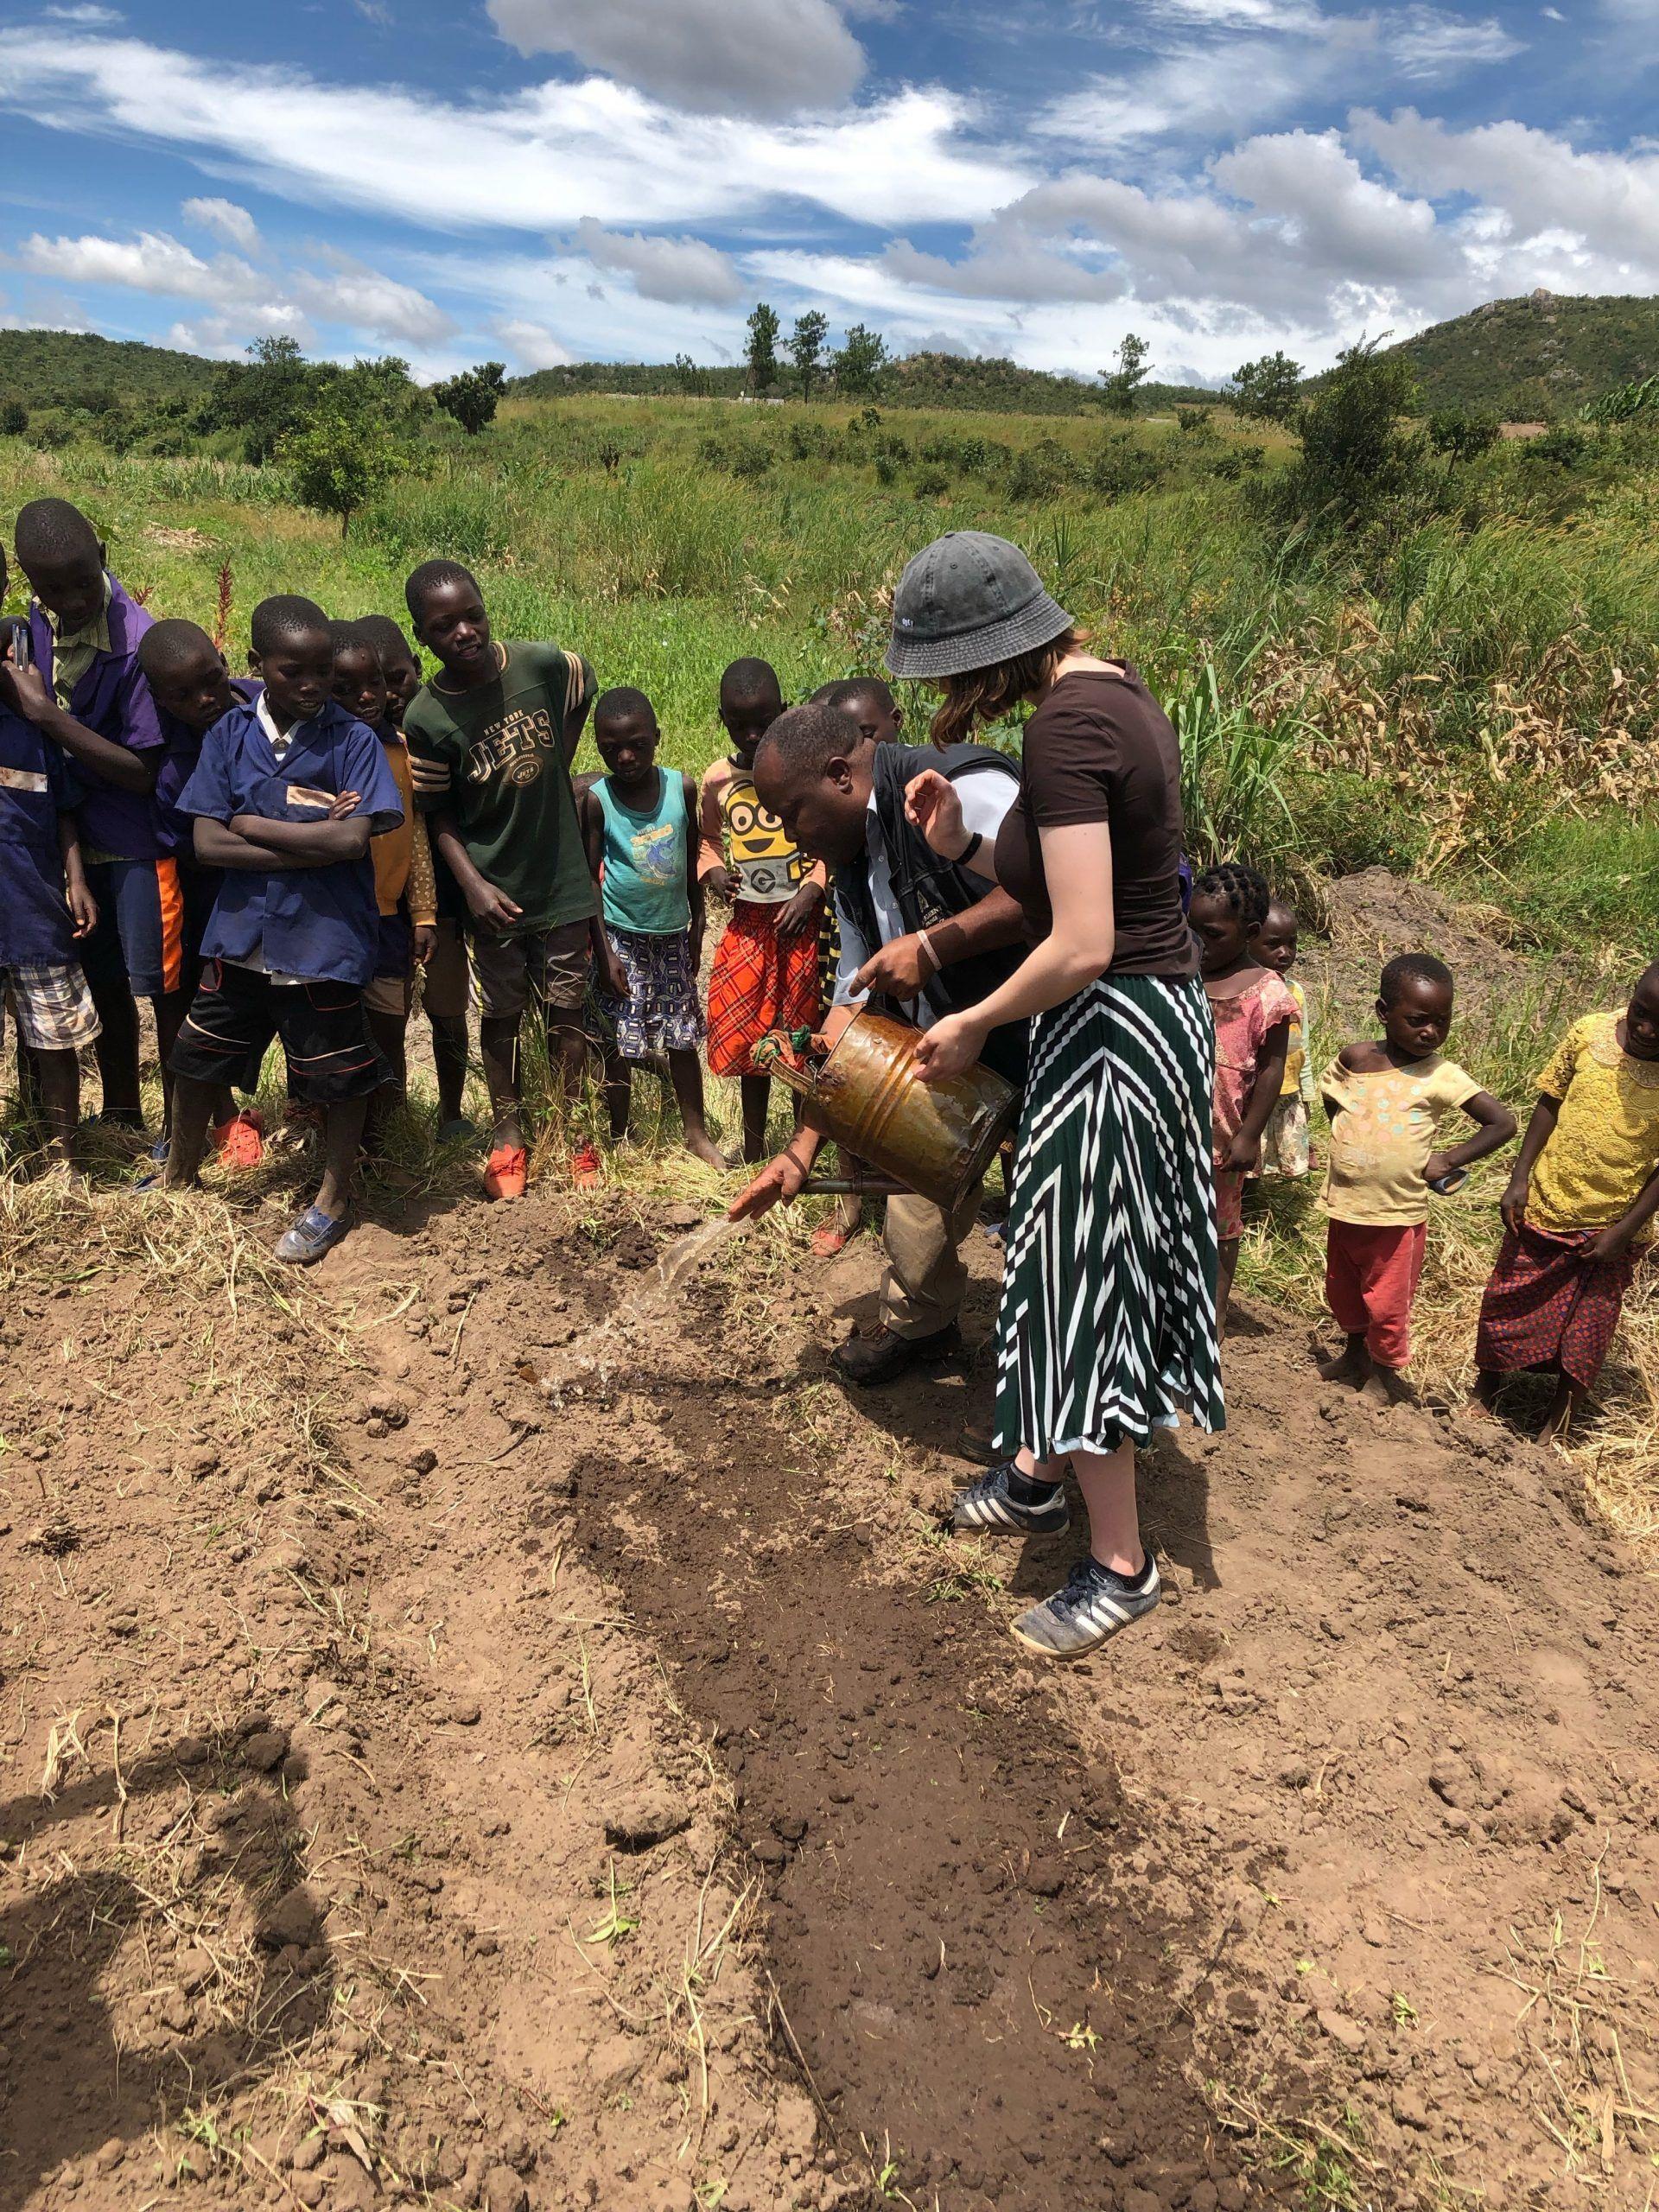 Elever hjælper med at Plante løg i Malawi - Osted Efterskole